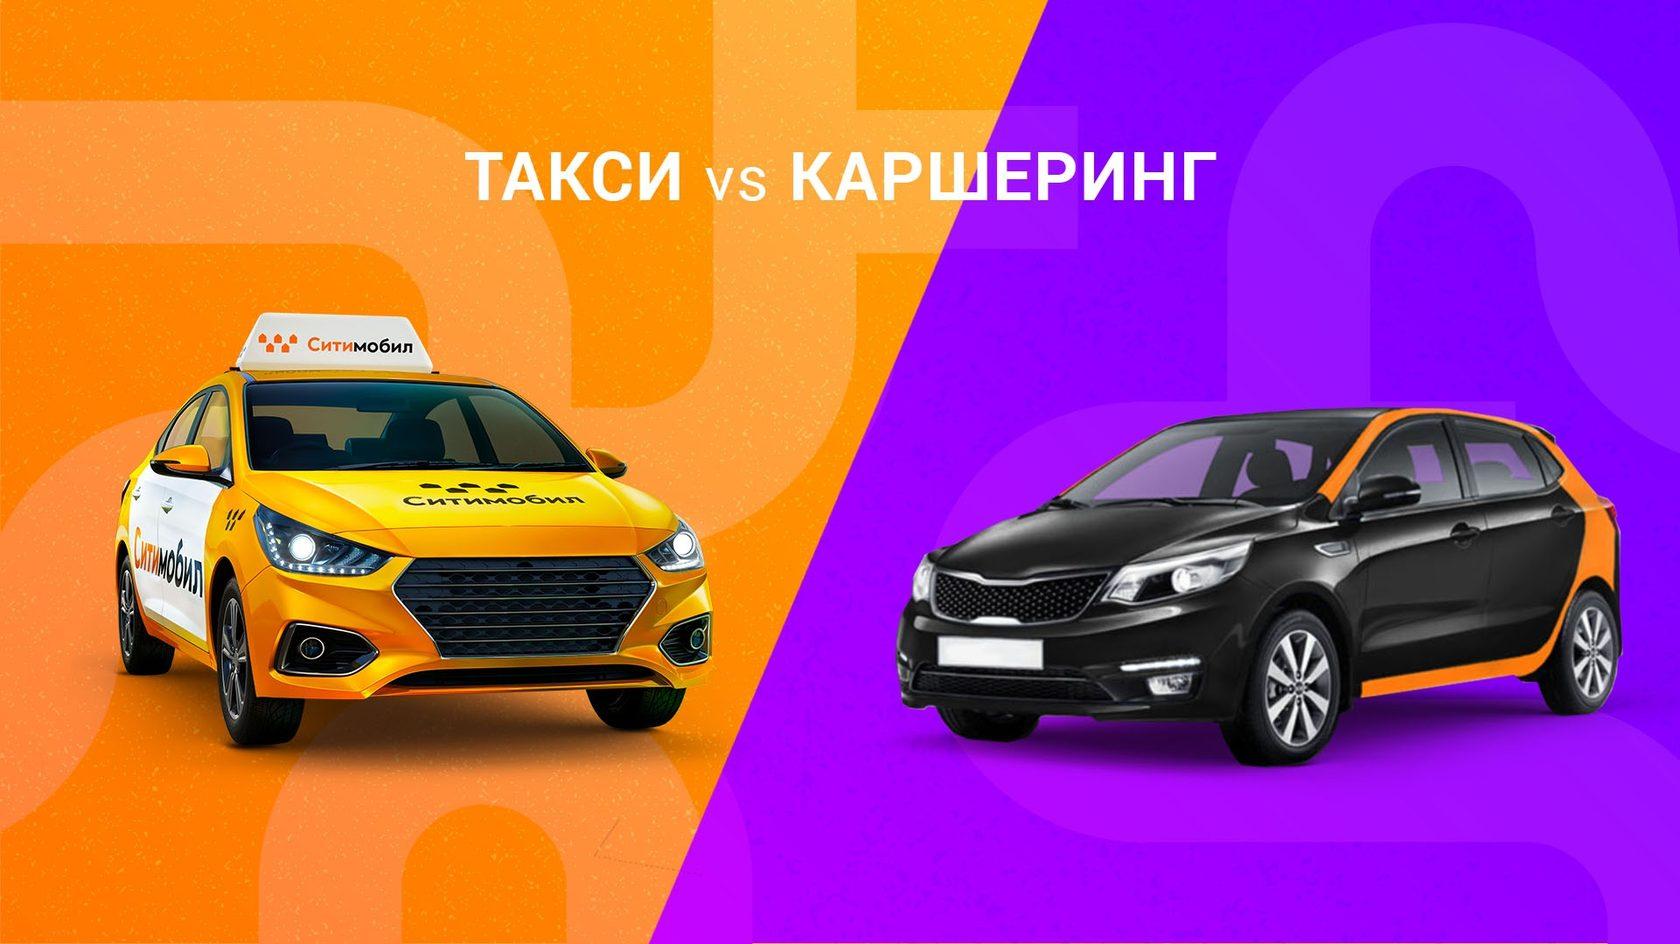 Автомобиль такси или каршеринг - что выгоднее